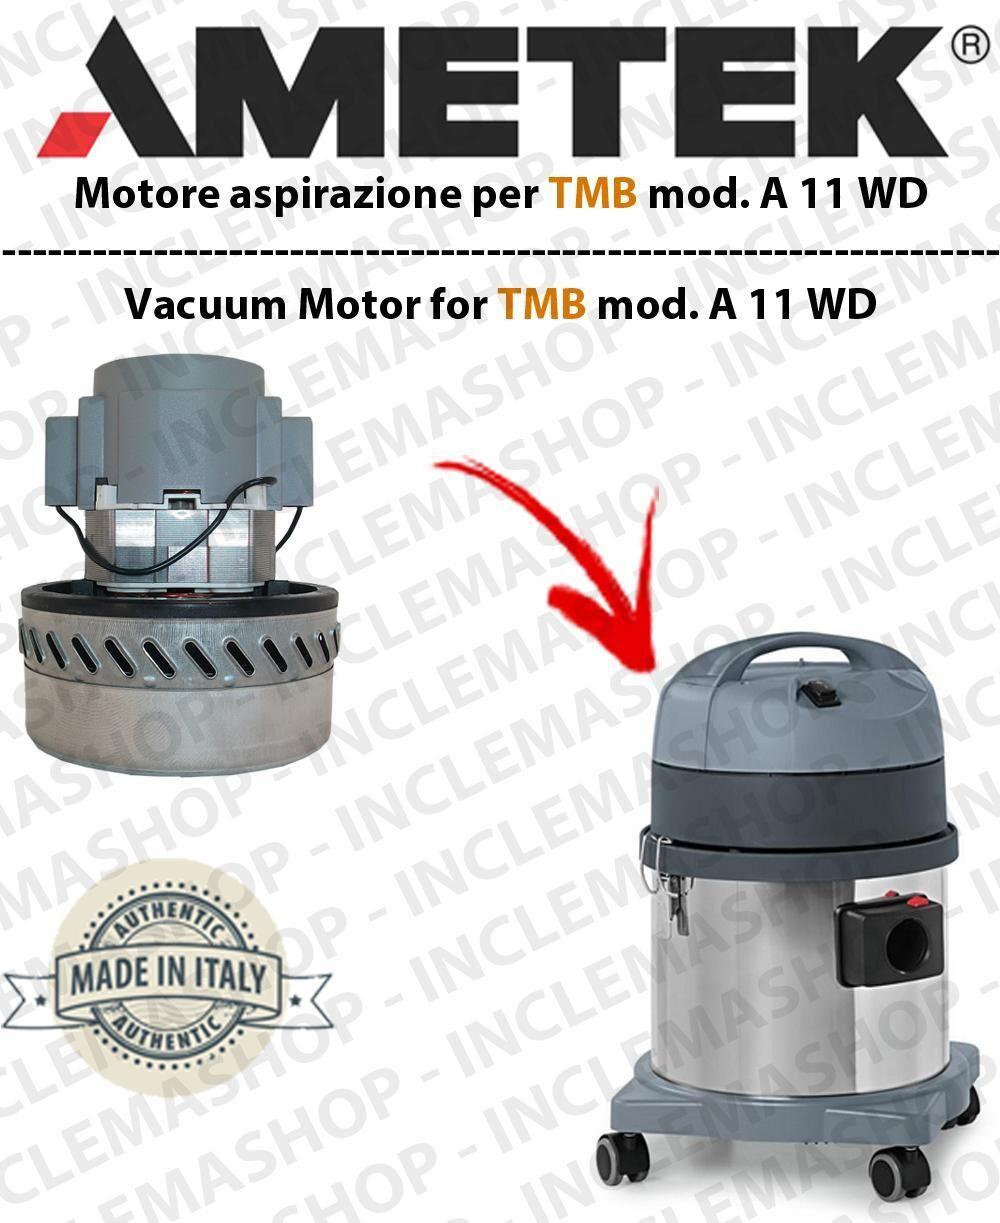 TMB A 11 WD MOTORE ASPIRAZIONE AMETEK per aspirapolvere -2